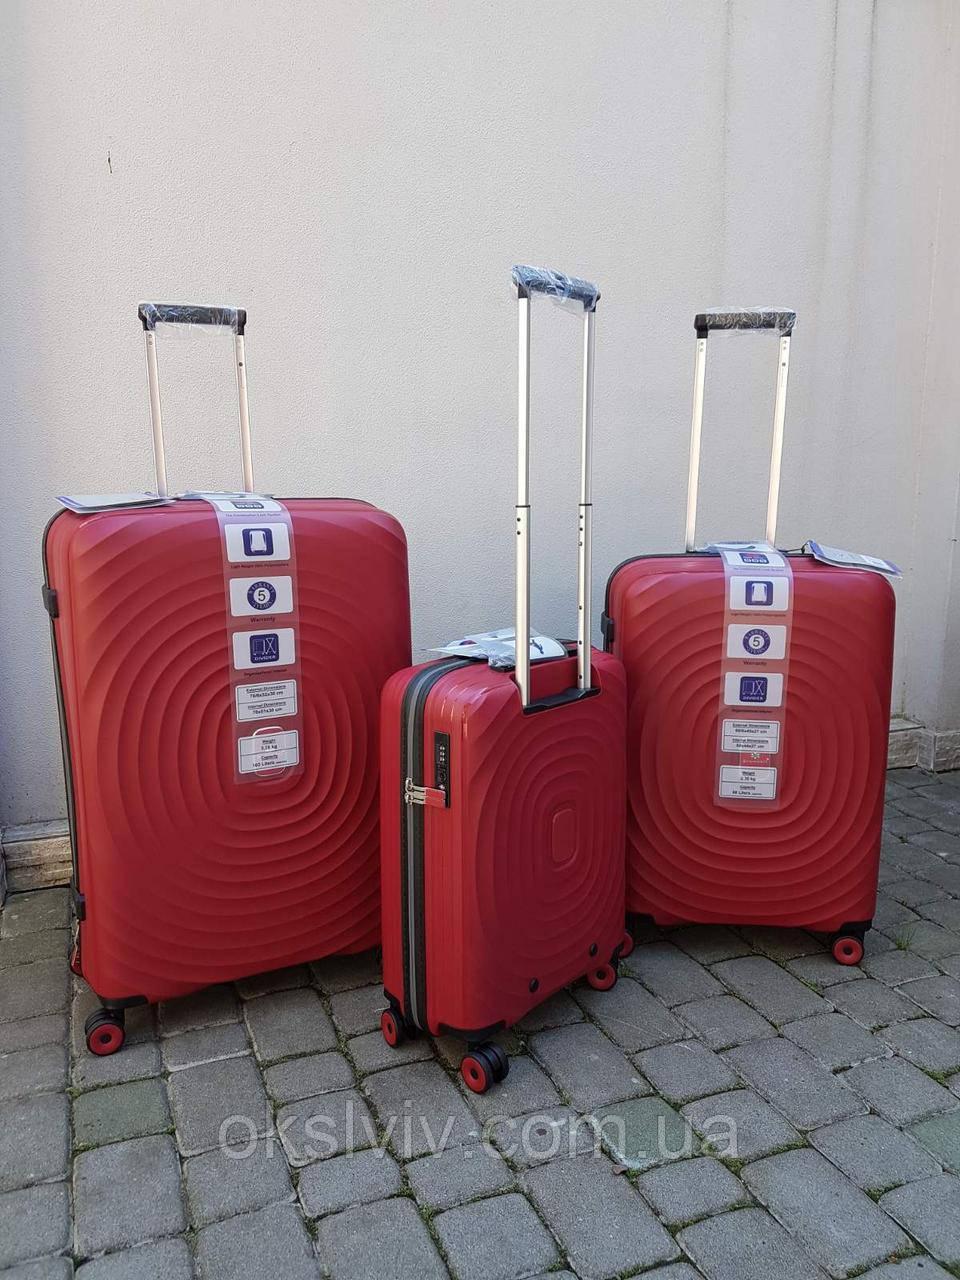 SNOWBALL 05203 Франція 100% polypropylene валізи чемоданы сумки